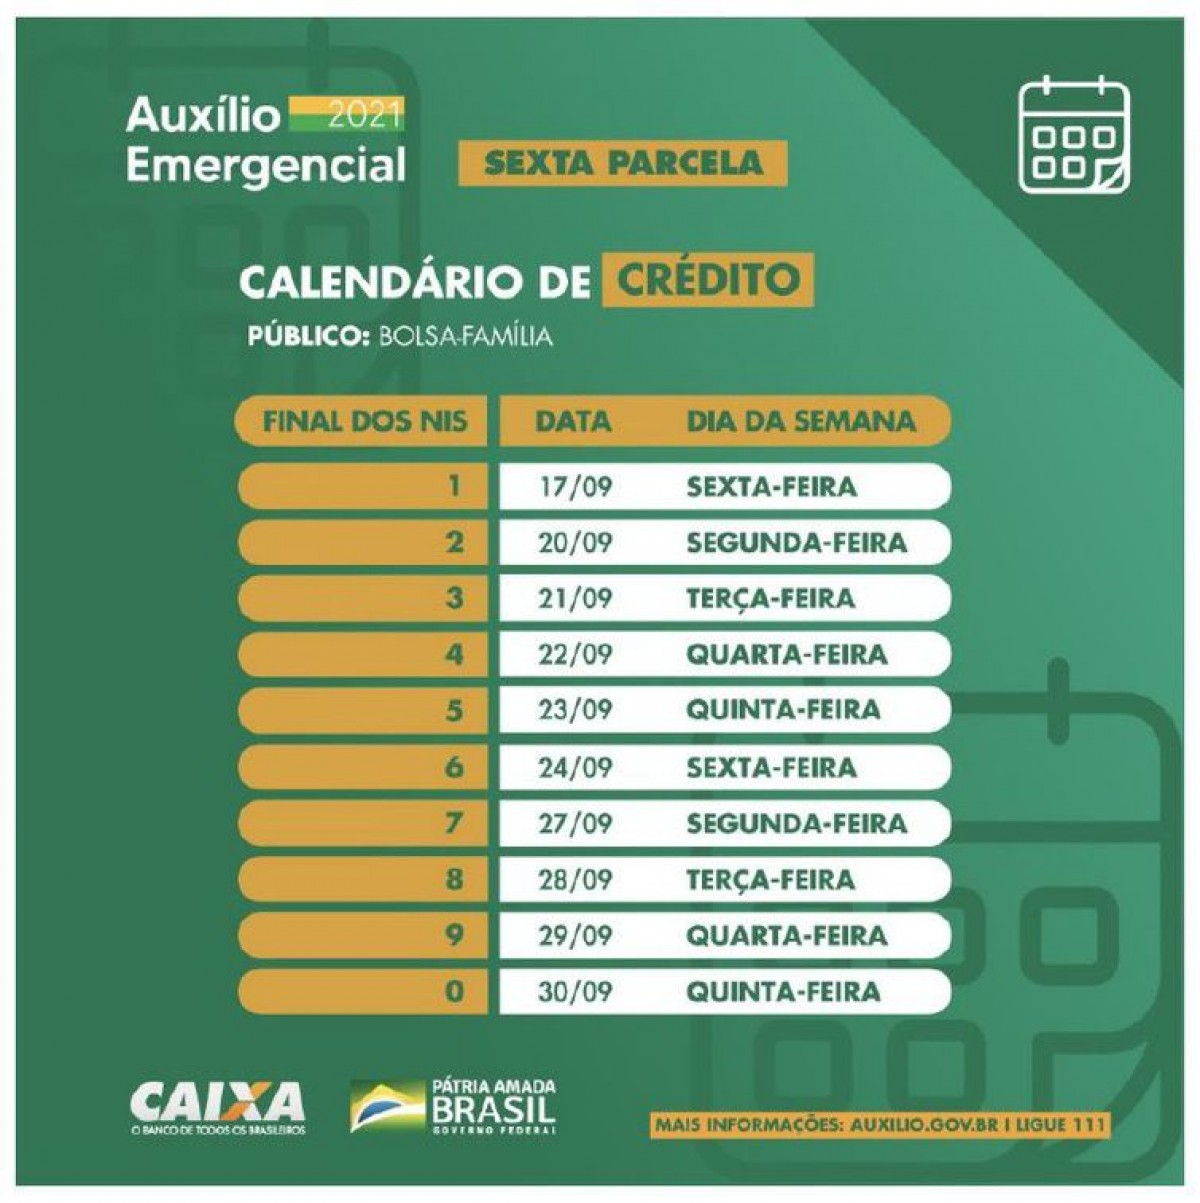 Calendário de pagamento da sexta parcela do auxílio emergencial para beneficiários do Bolsa Família (Imagem: Divulgação/ Caixa)